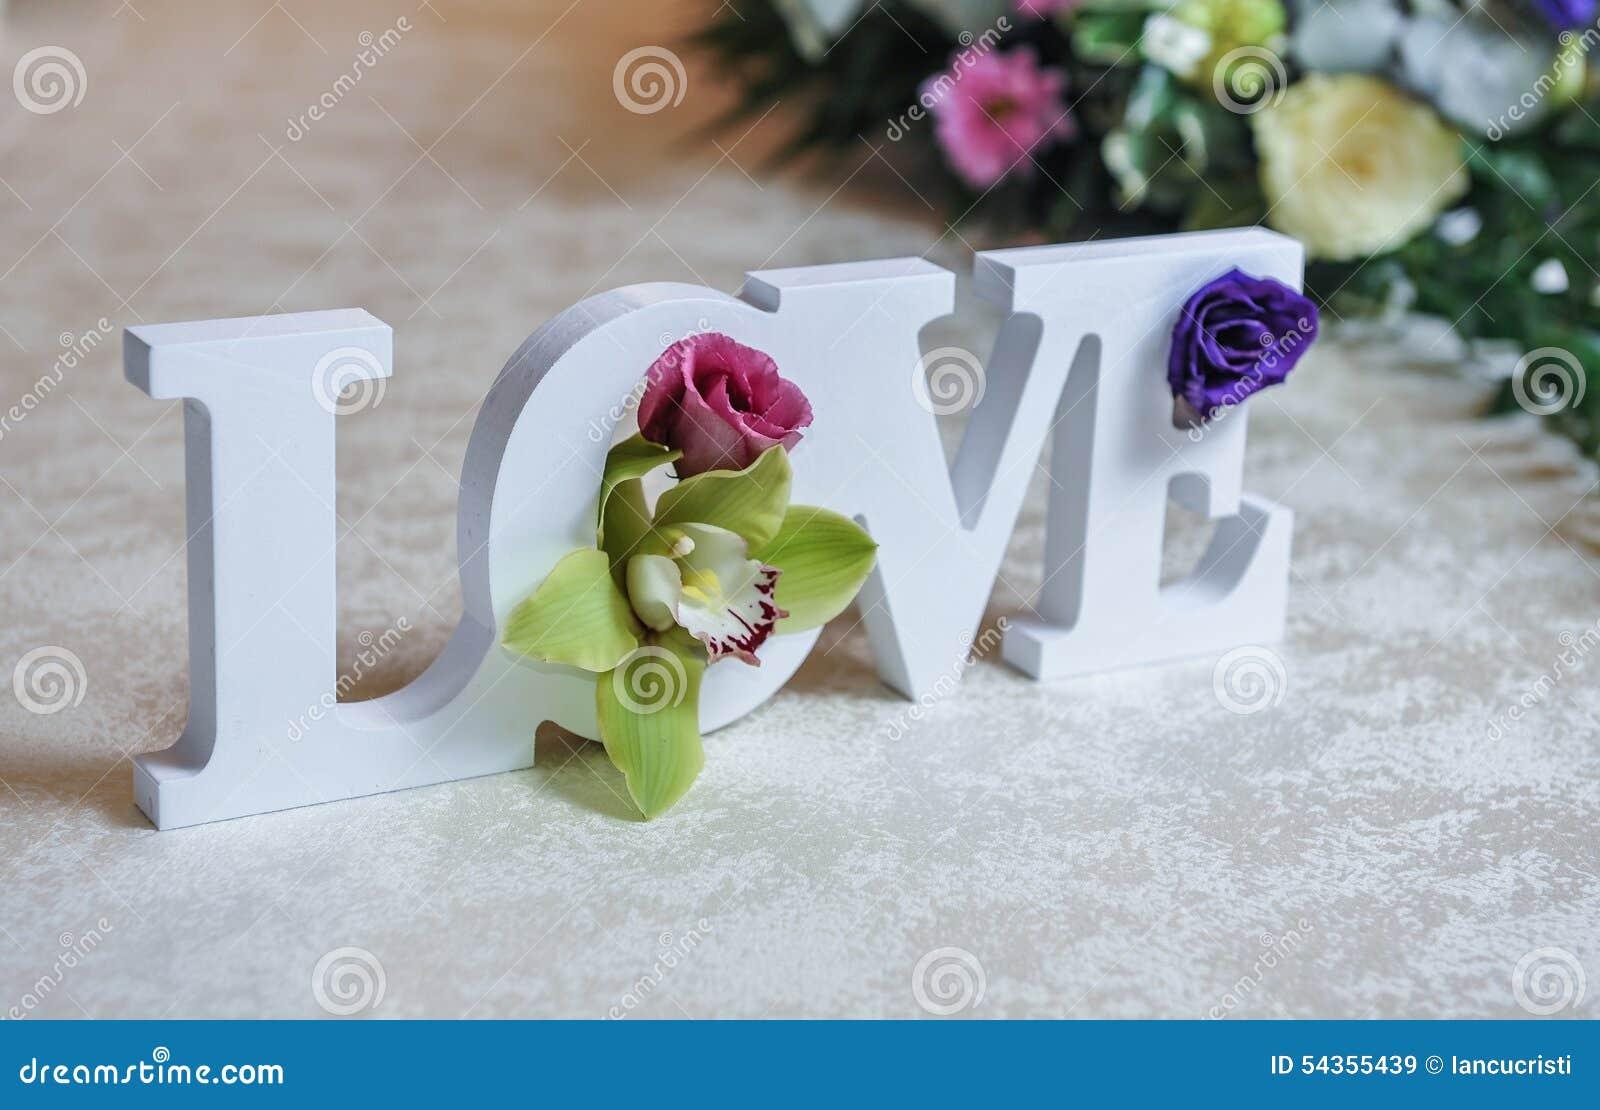 Decorazioni Lettere D Amore decorazione di nozze, lettere di amore e fiori sulla tavola